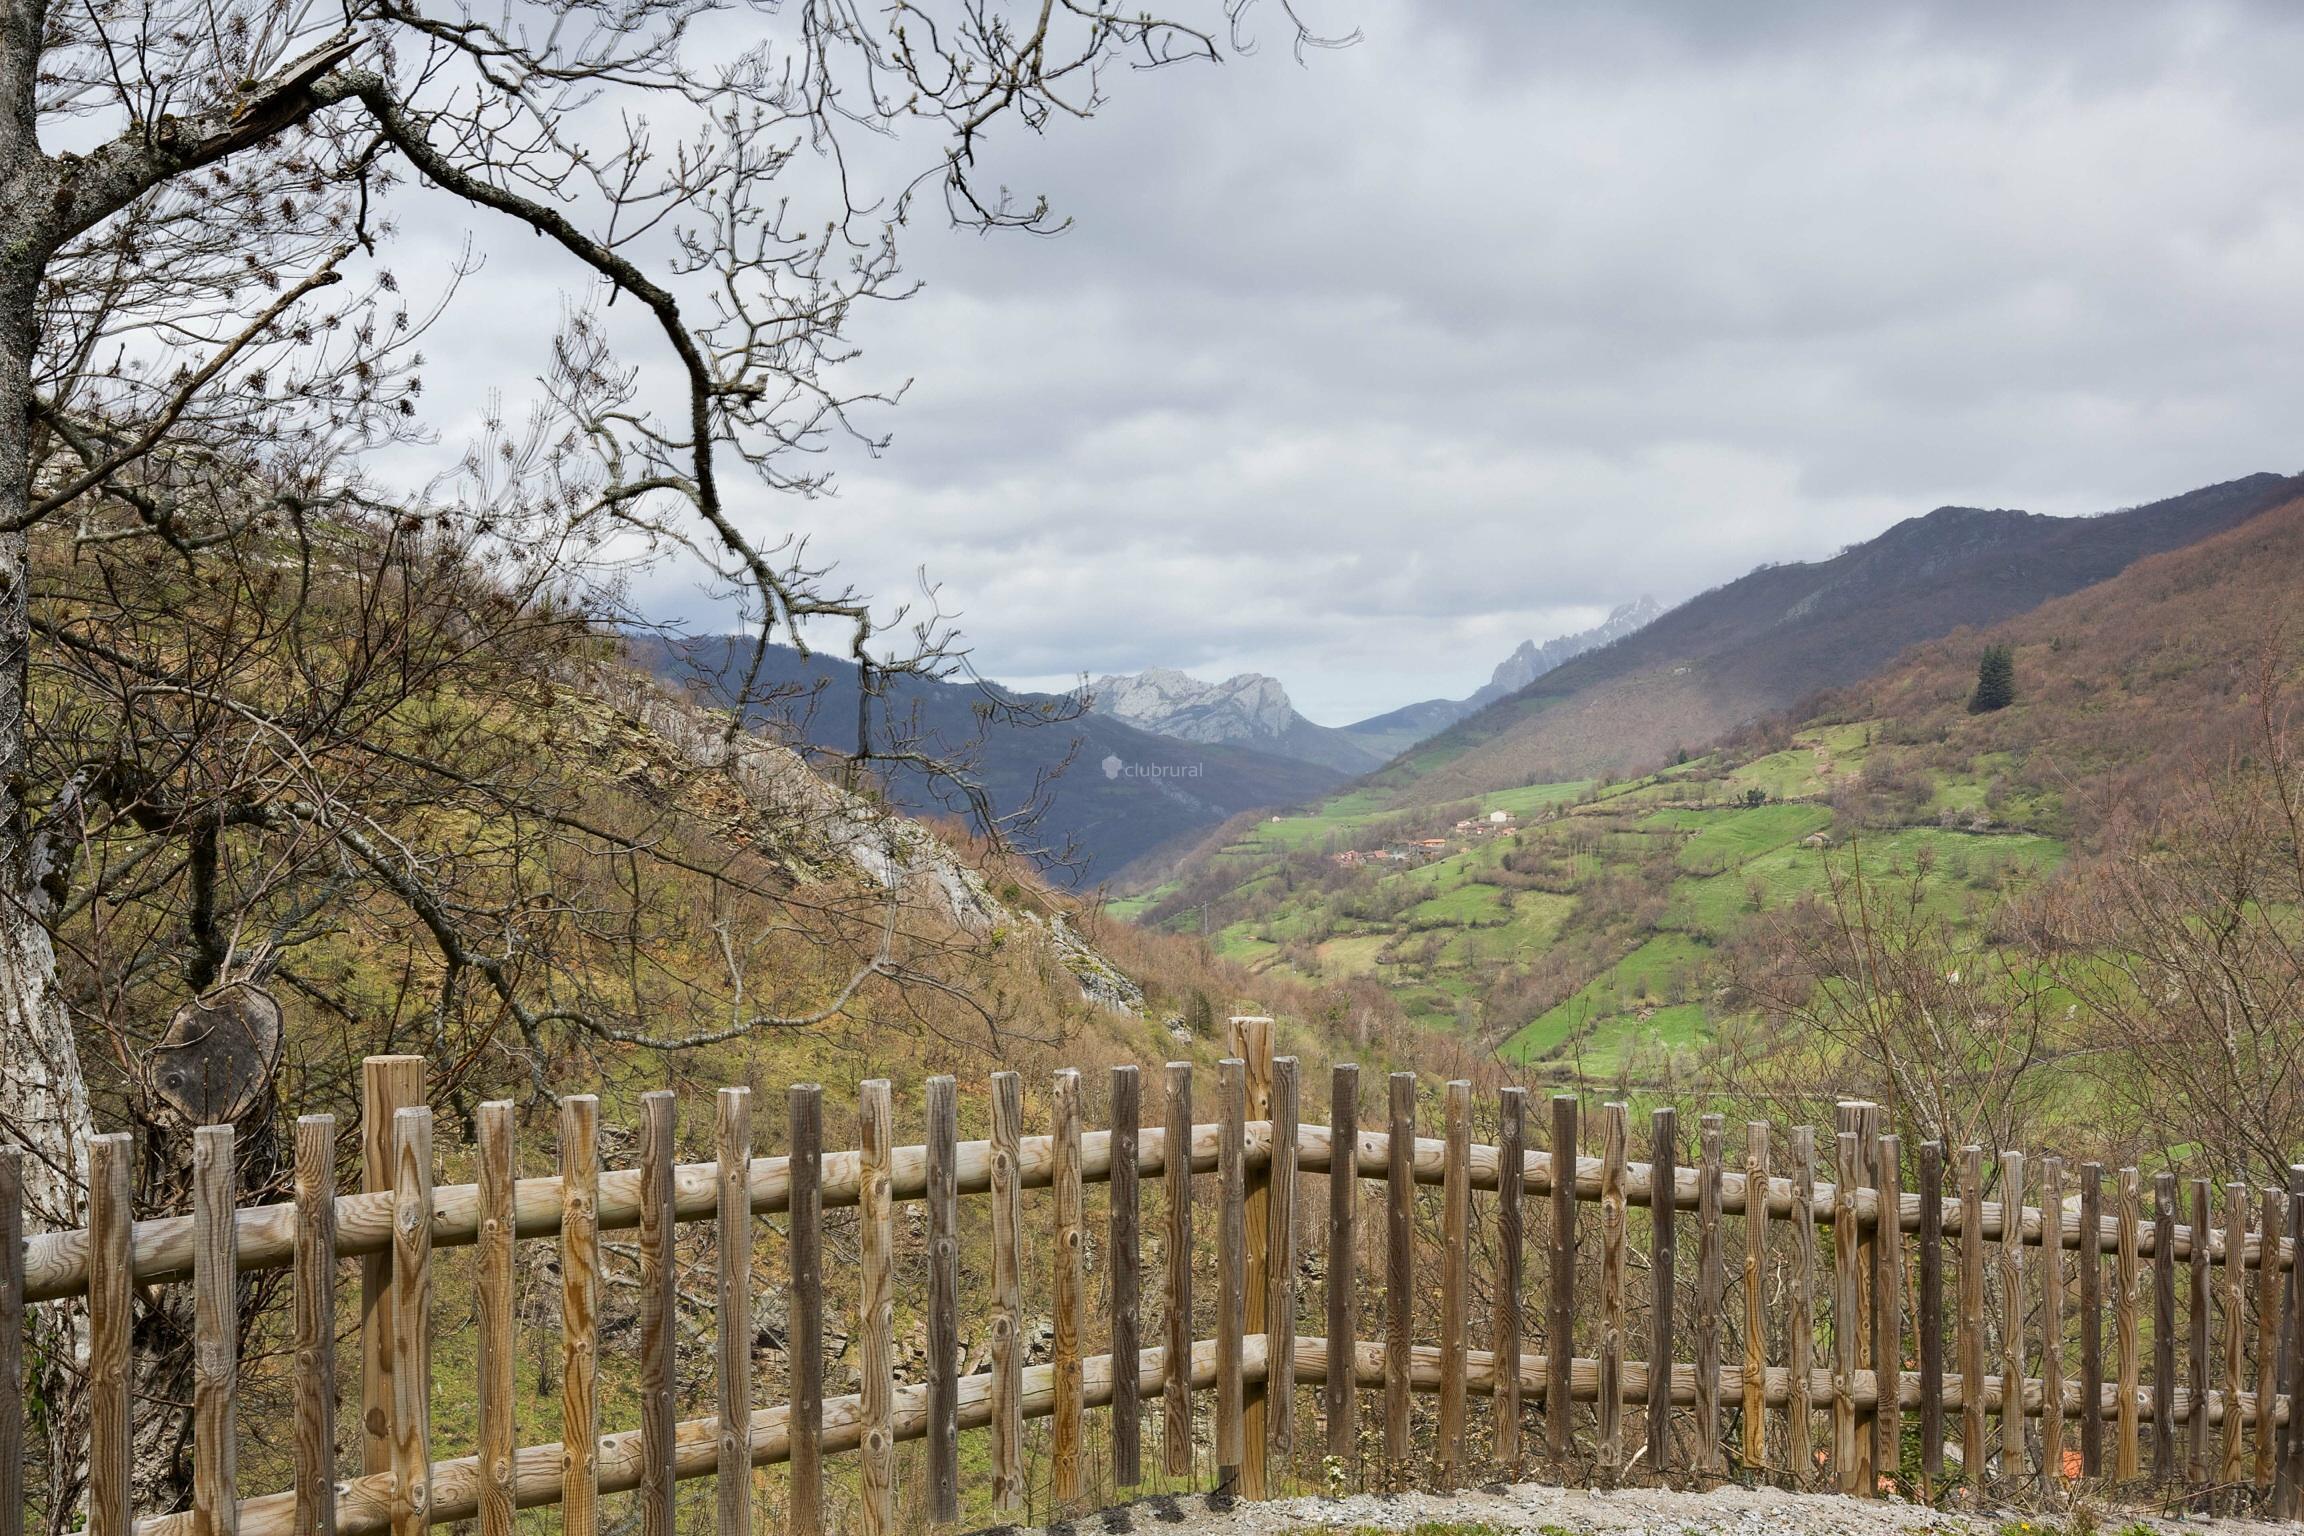 Fotos de llananzanes rural asturias aller clubrural - Fotorural asturias ...